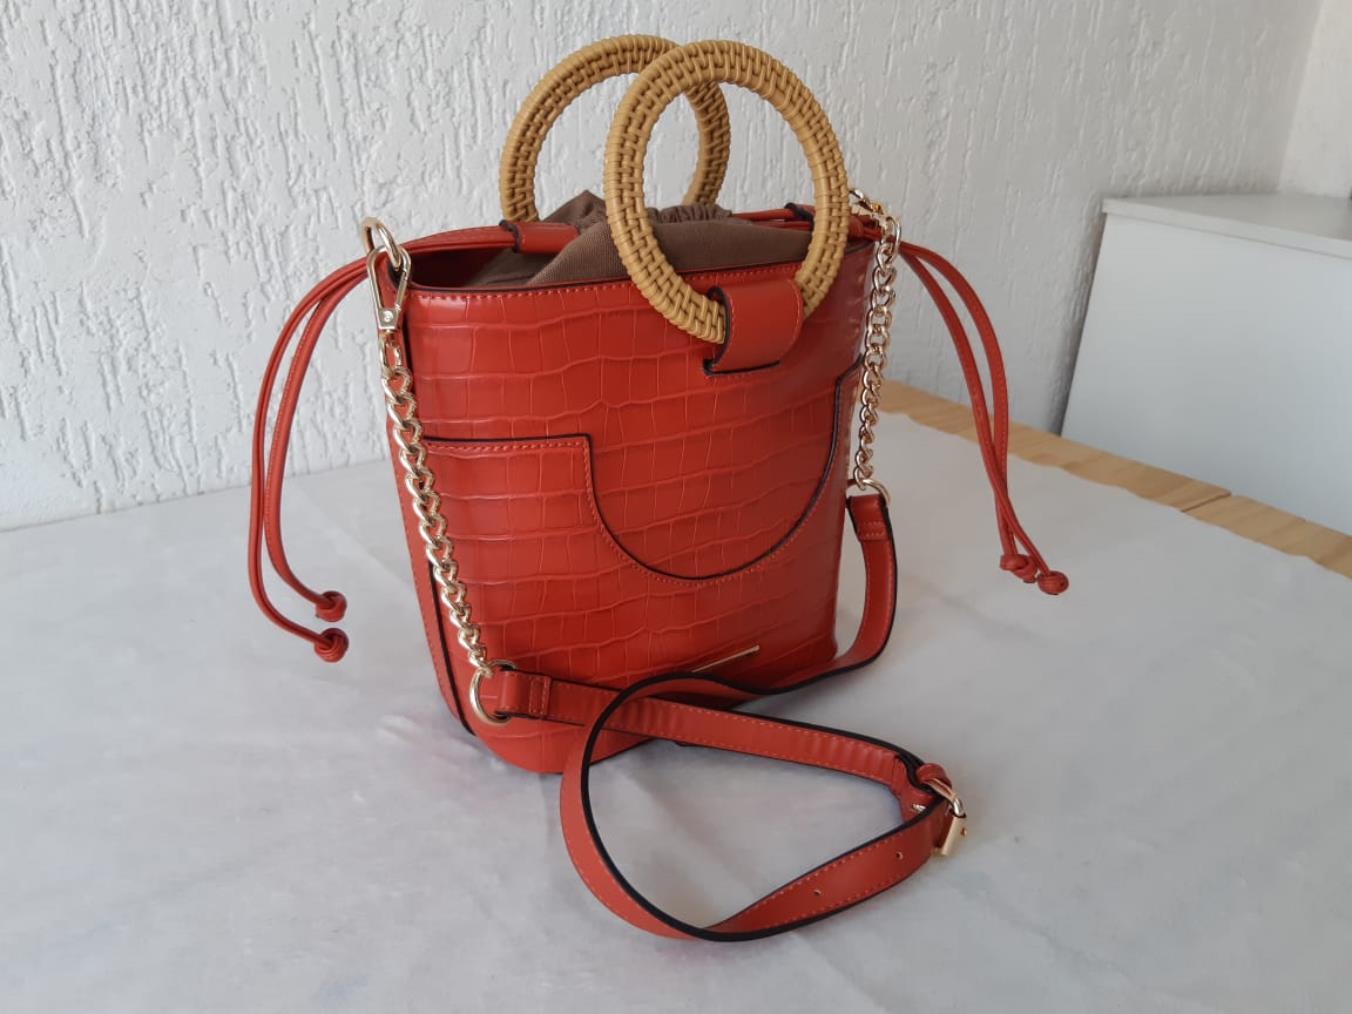 Bolsa com alça redonda estilo madeira